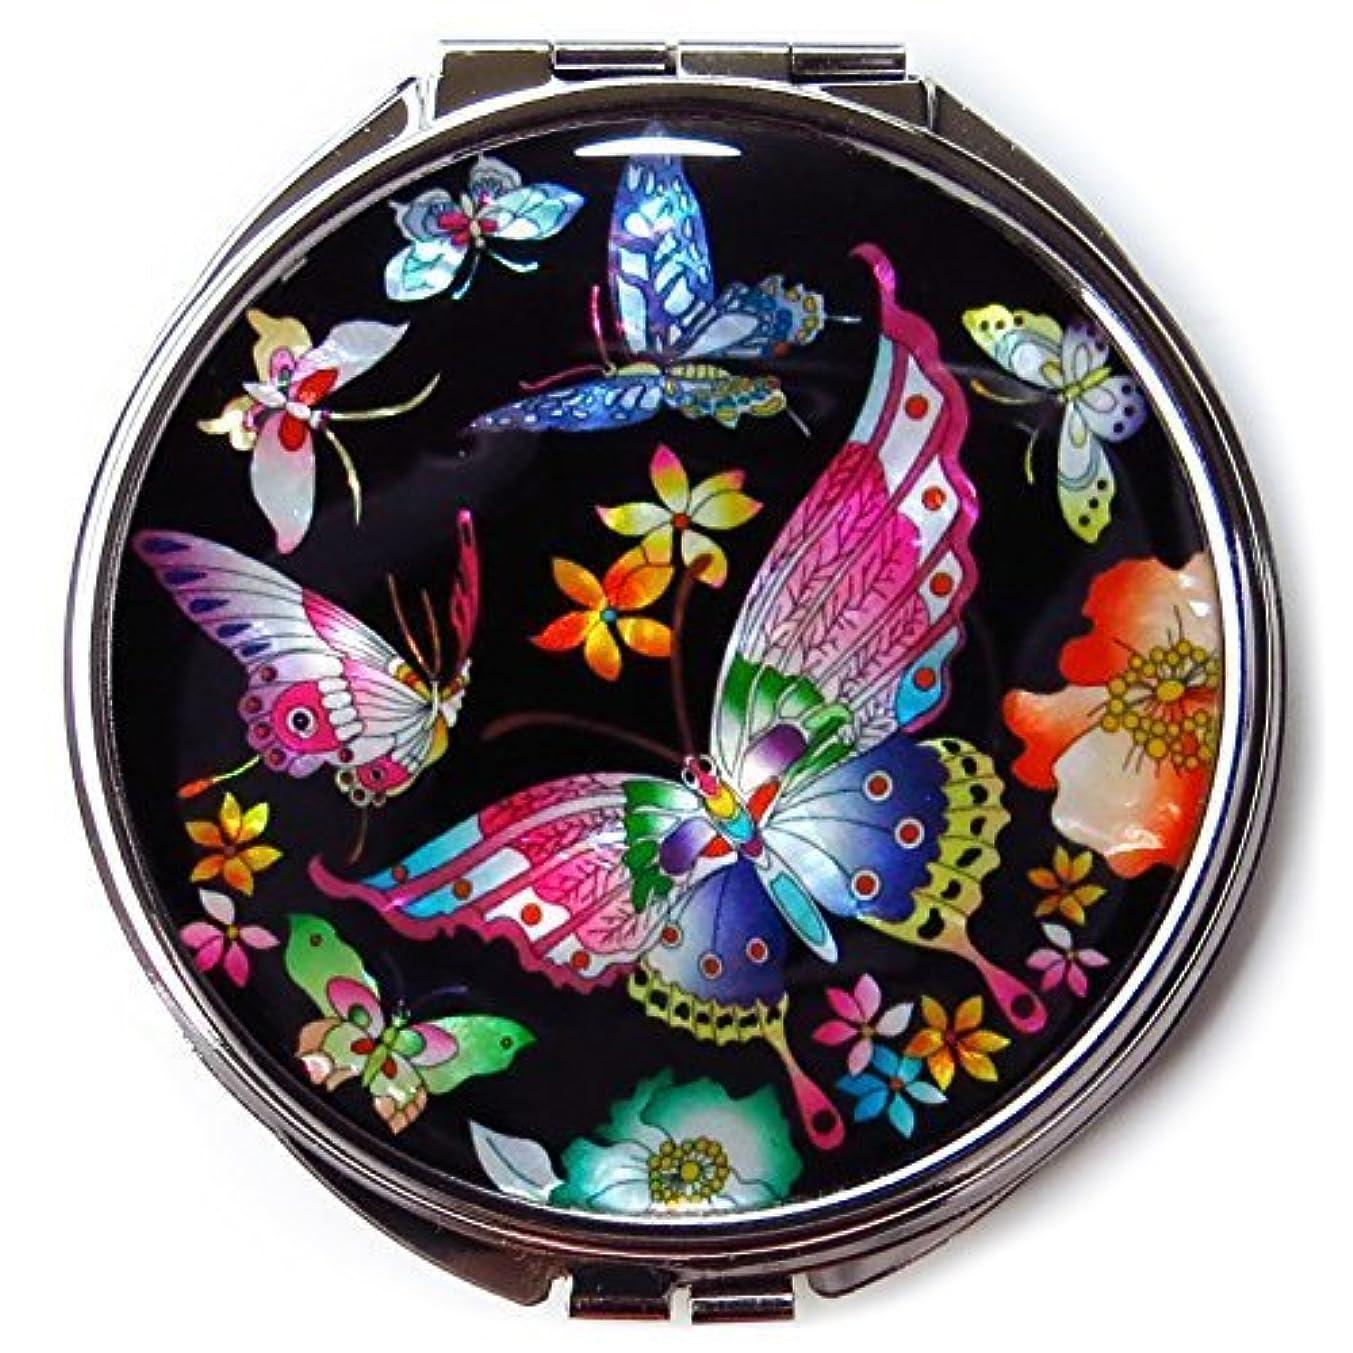 ひねりけがをする完全にMADDesign #3黒真珠金属蝶の韓国化粧コンパクトミラー母 黒、赤、黄、青、ピンク、緑、紫 [並行輸入品]